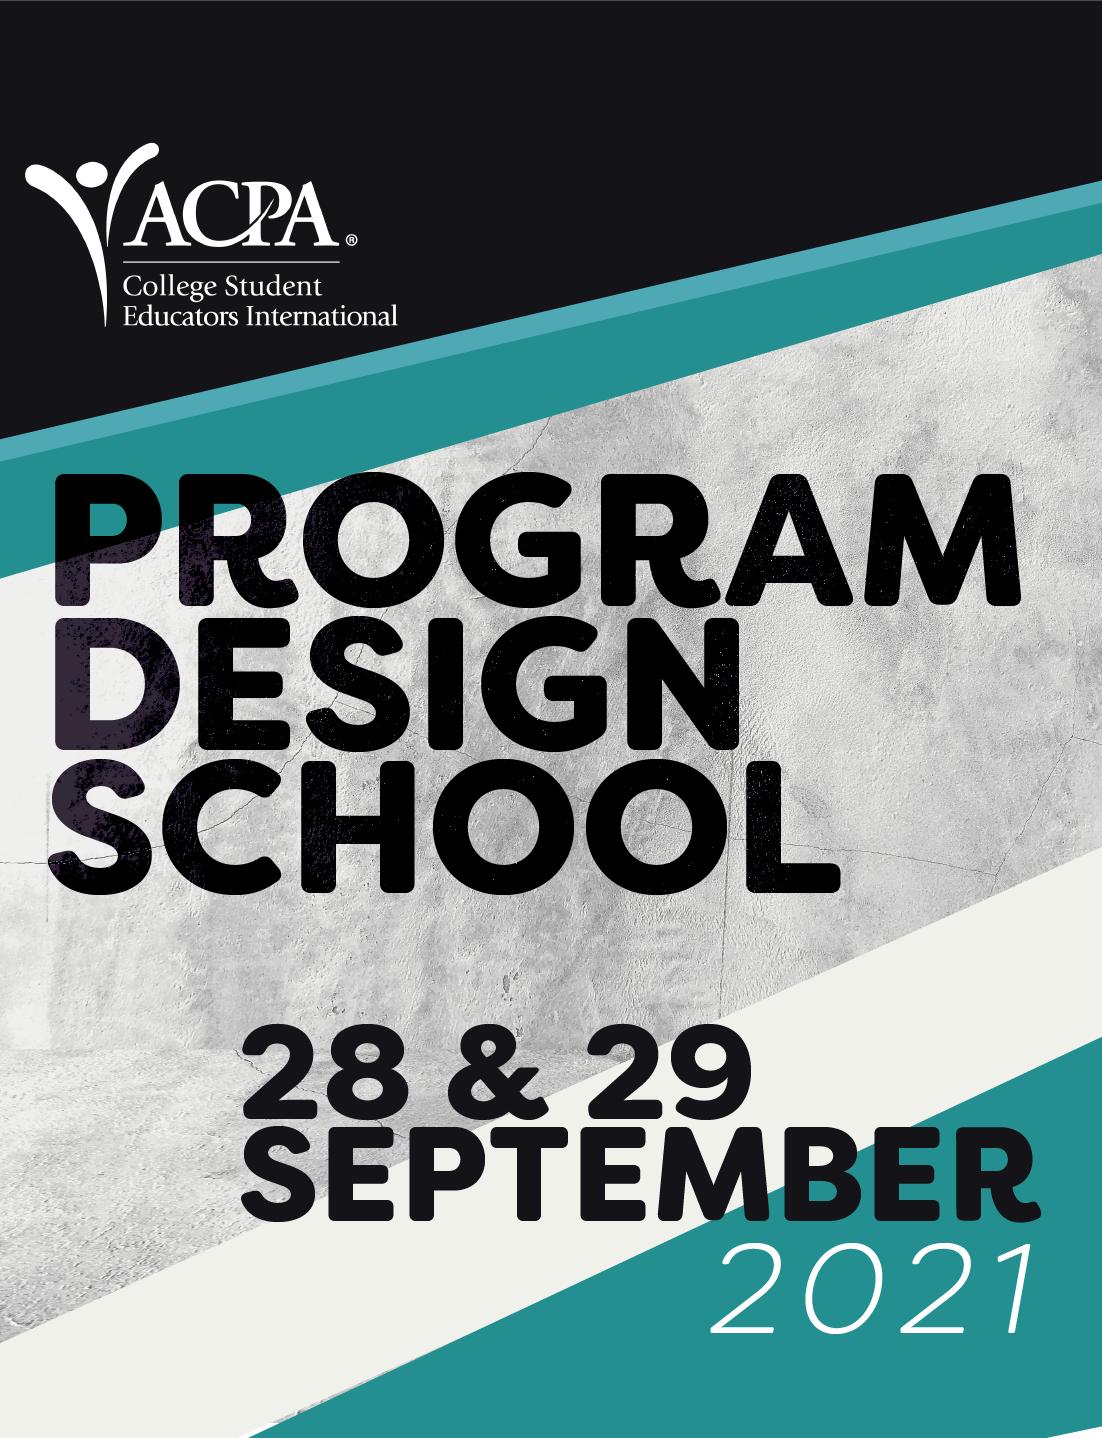 Program Design School. 28 & 29 September 2021